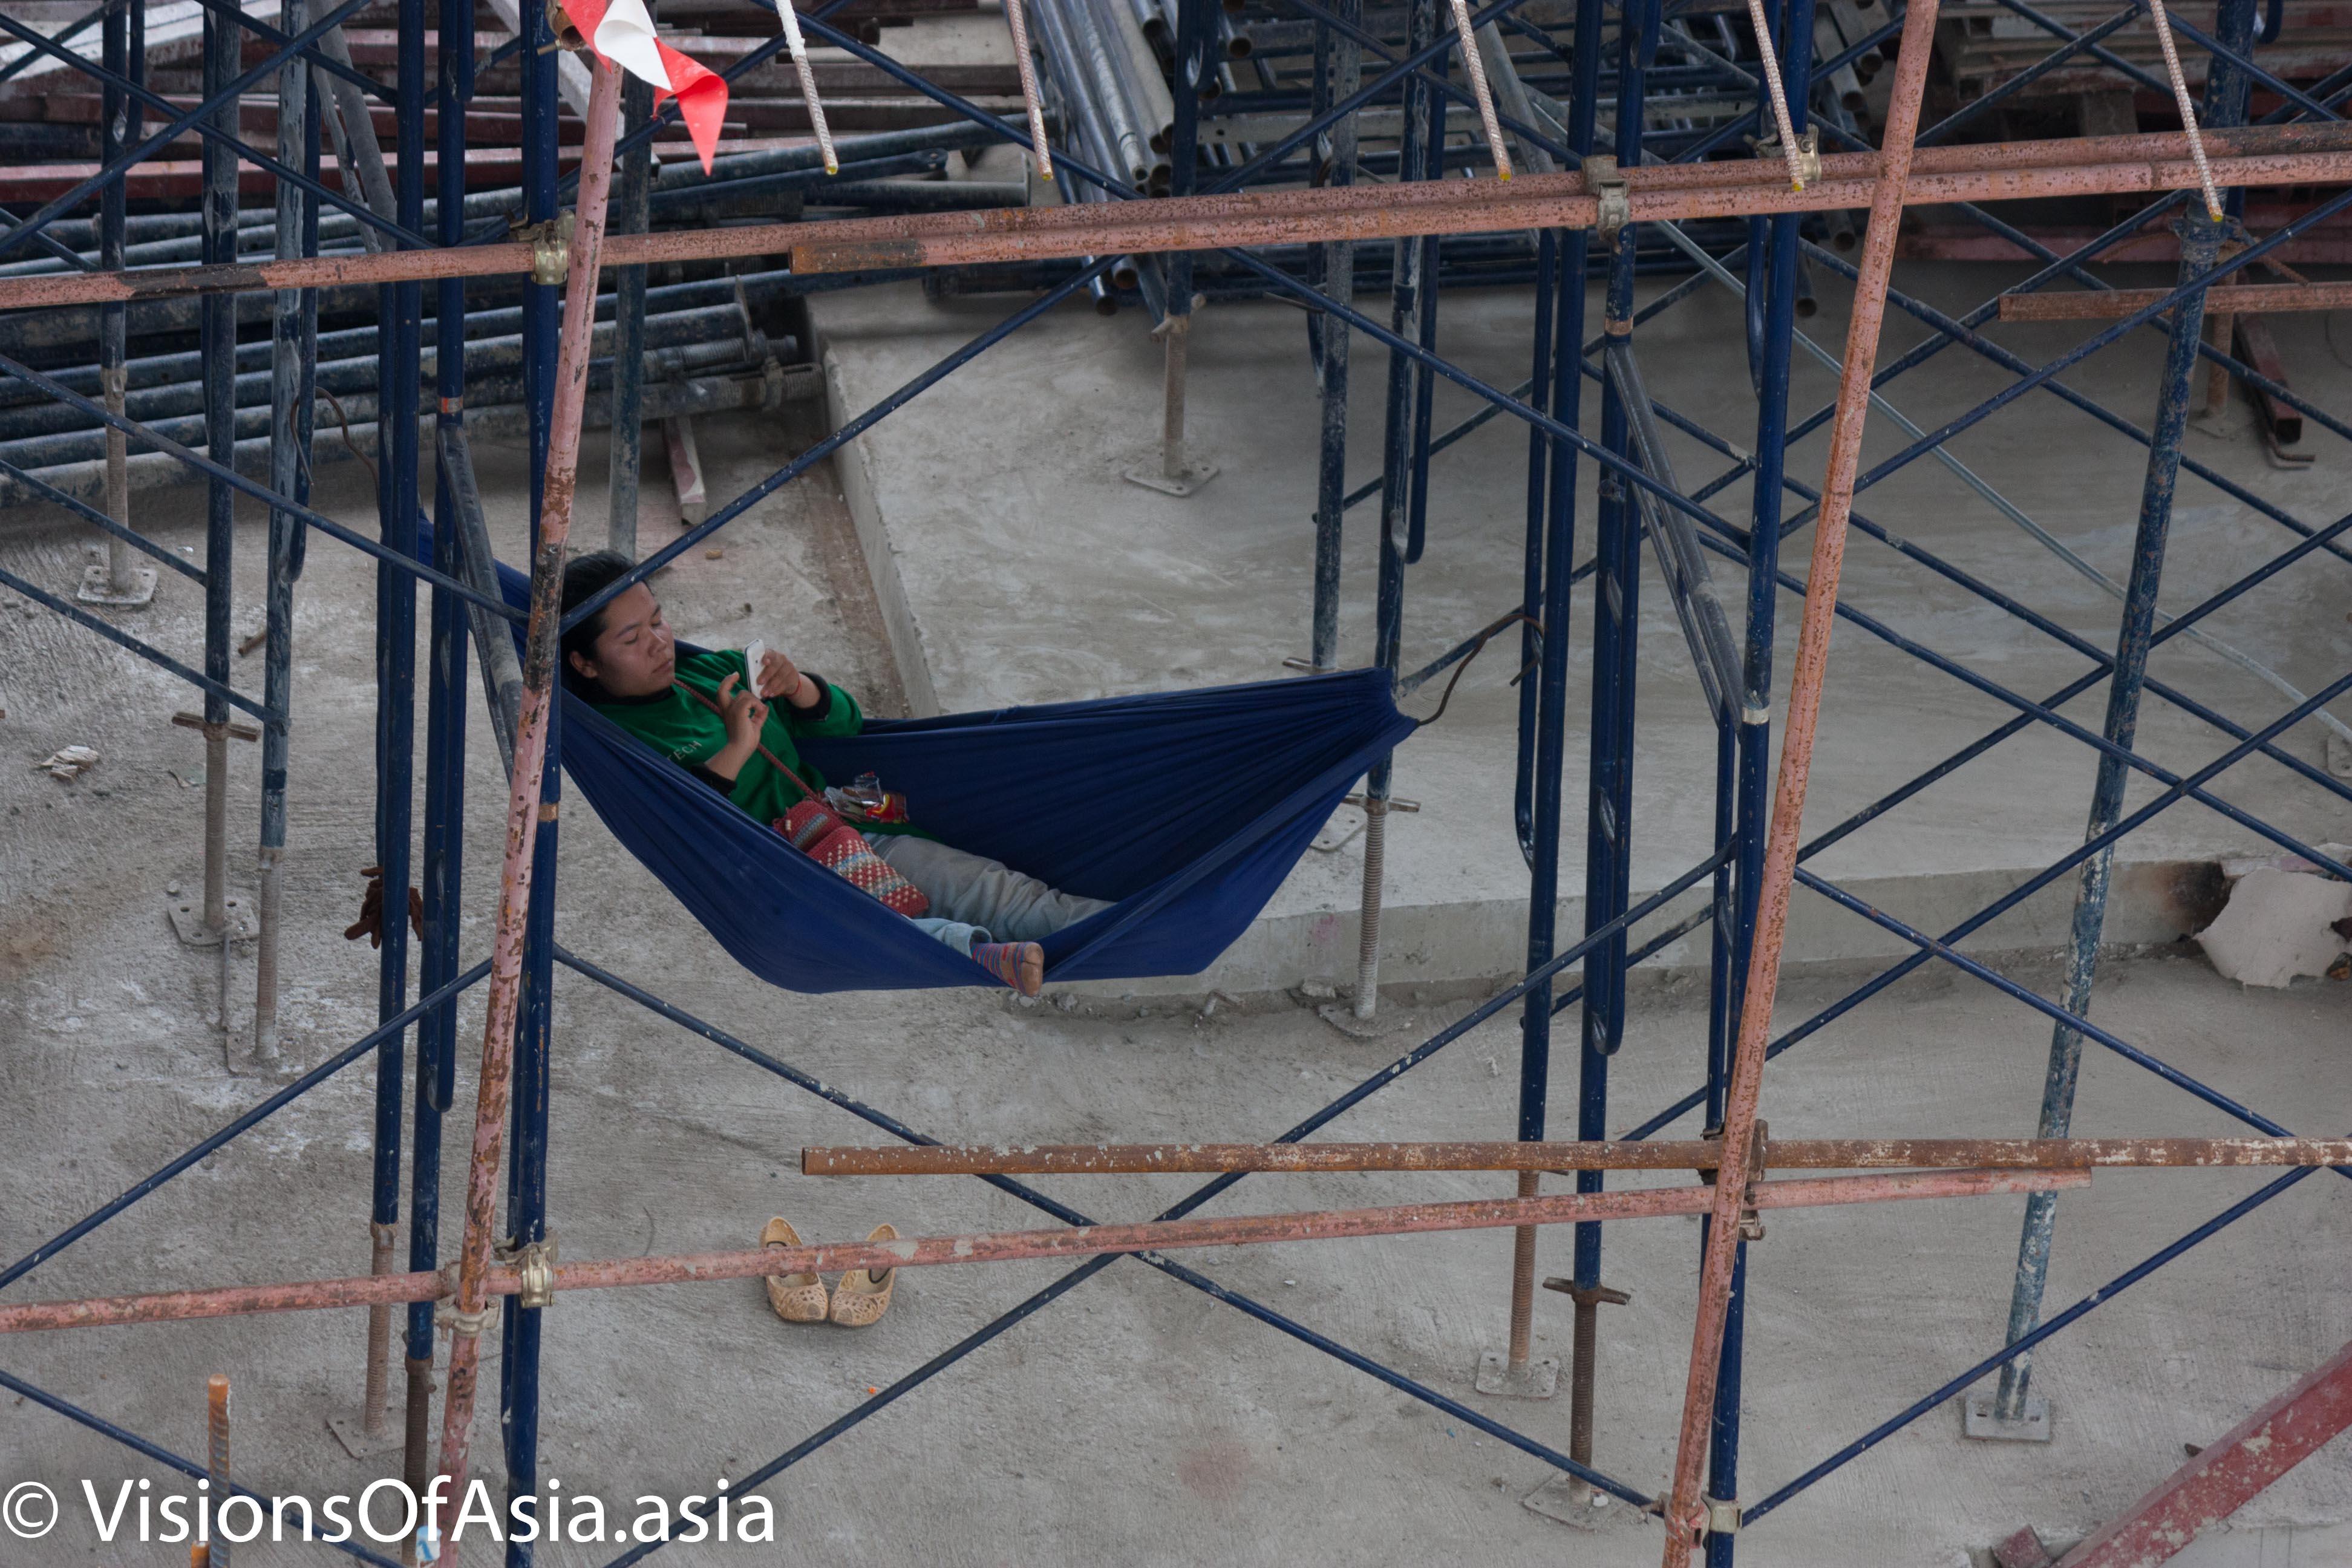 Hamac on scaffolding